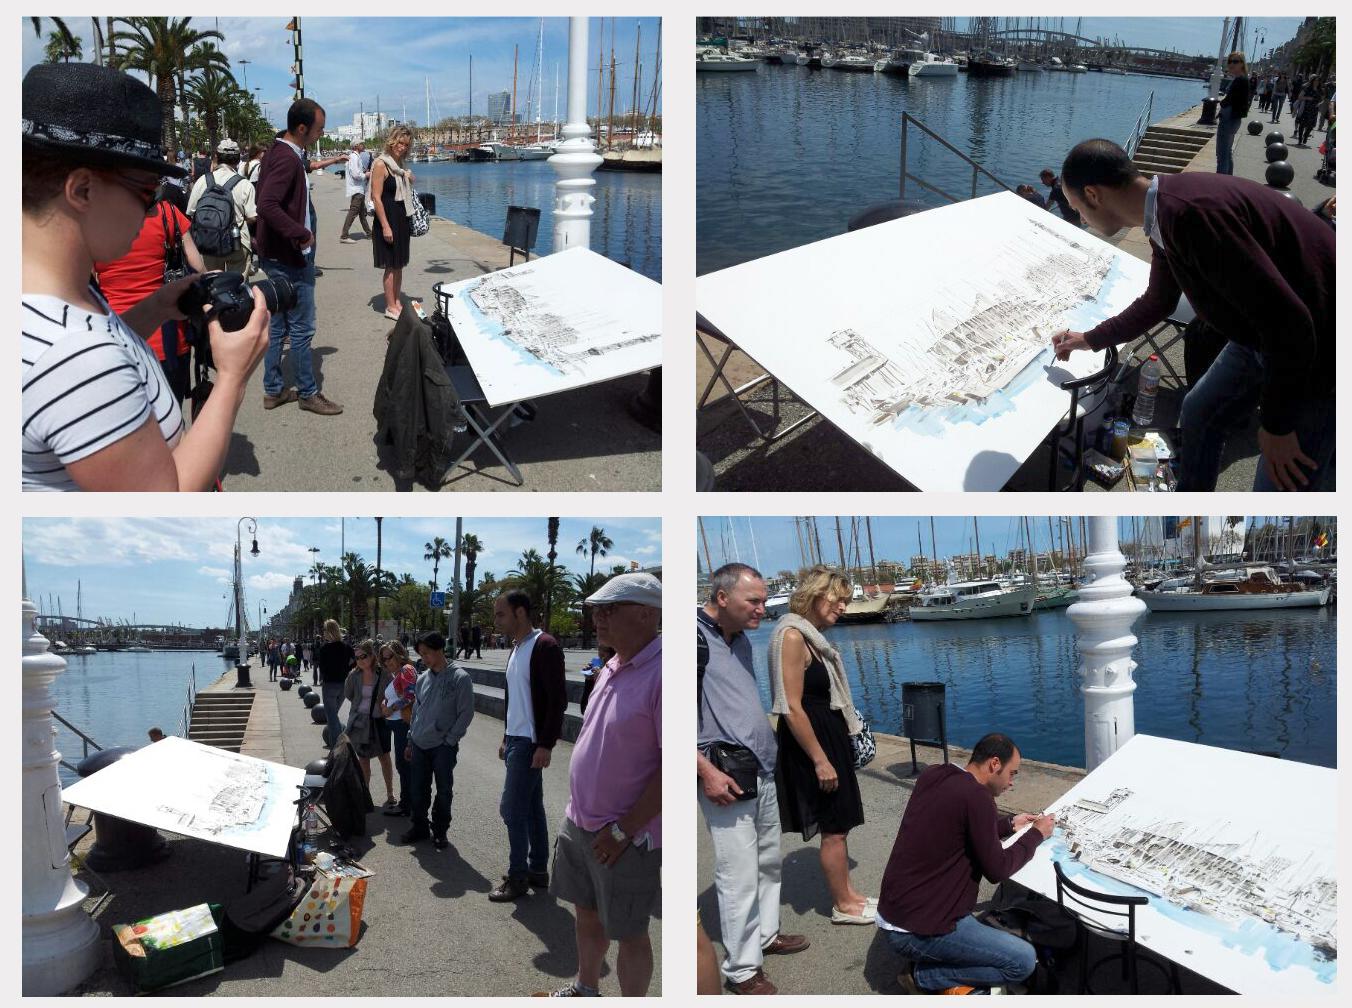 Transcurso de la sesión de dibujo en el Puerto de Barcelona